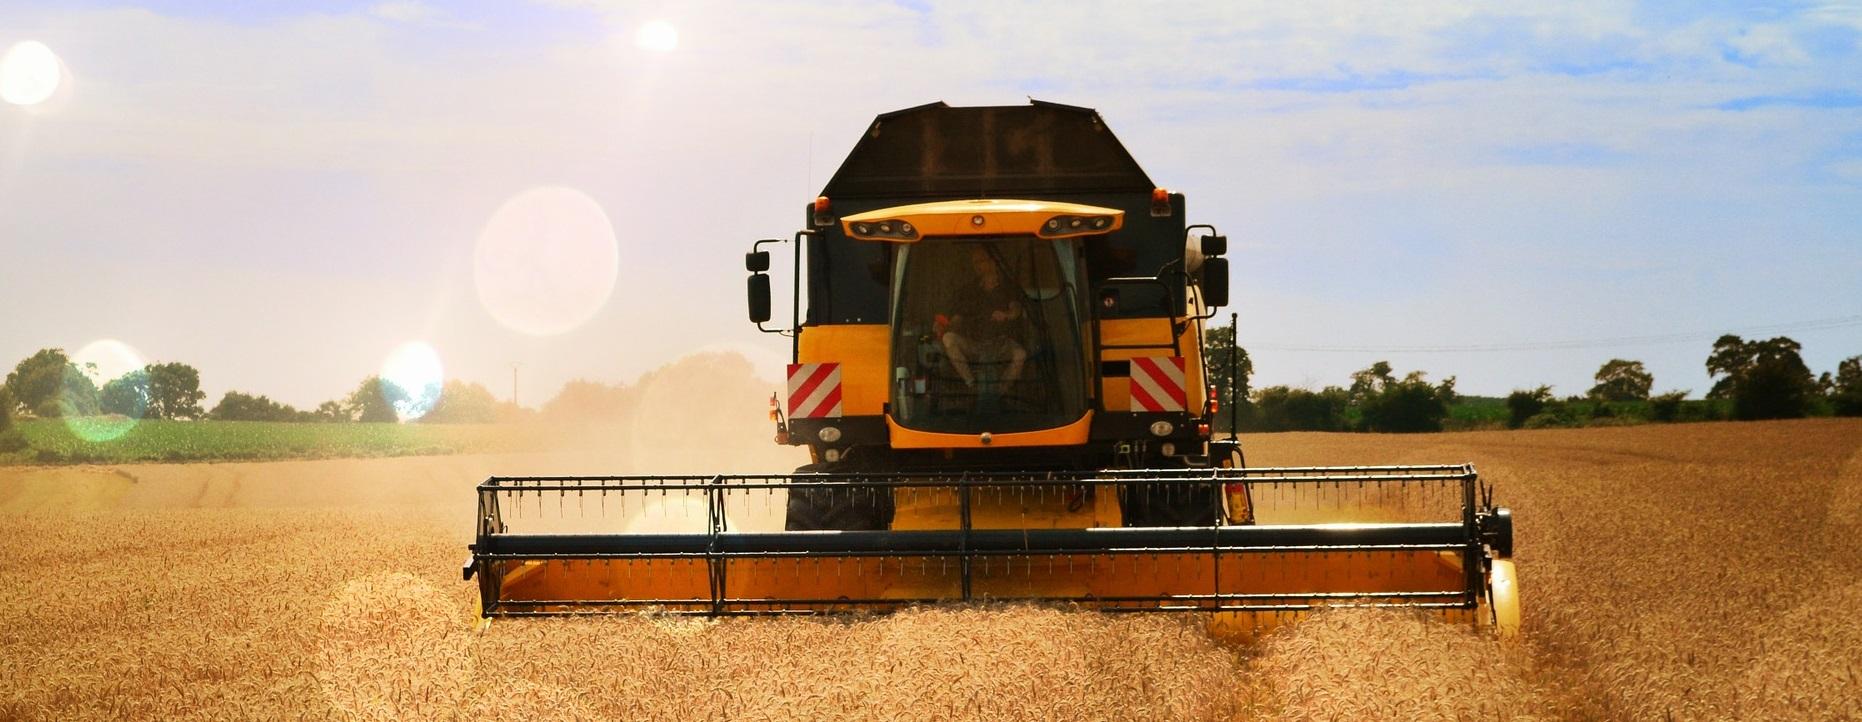 BeFlexi Harvester